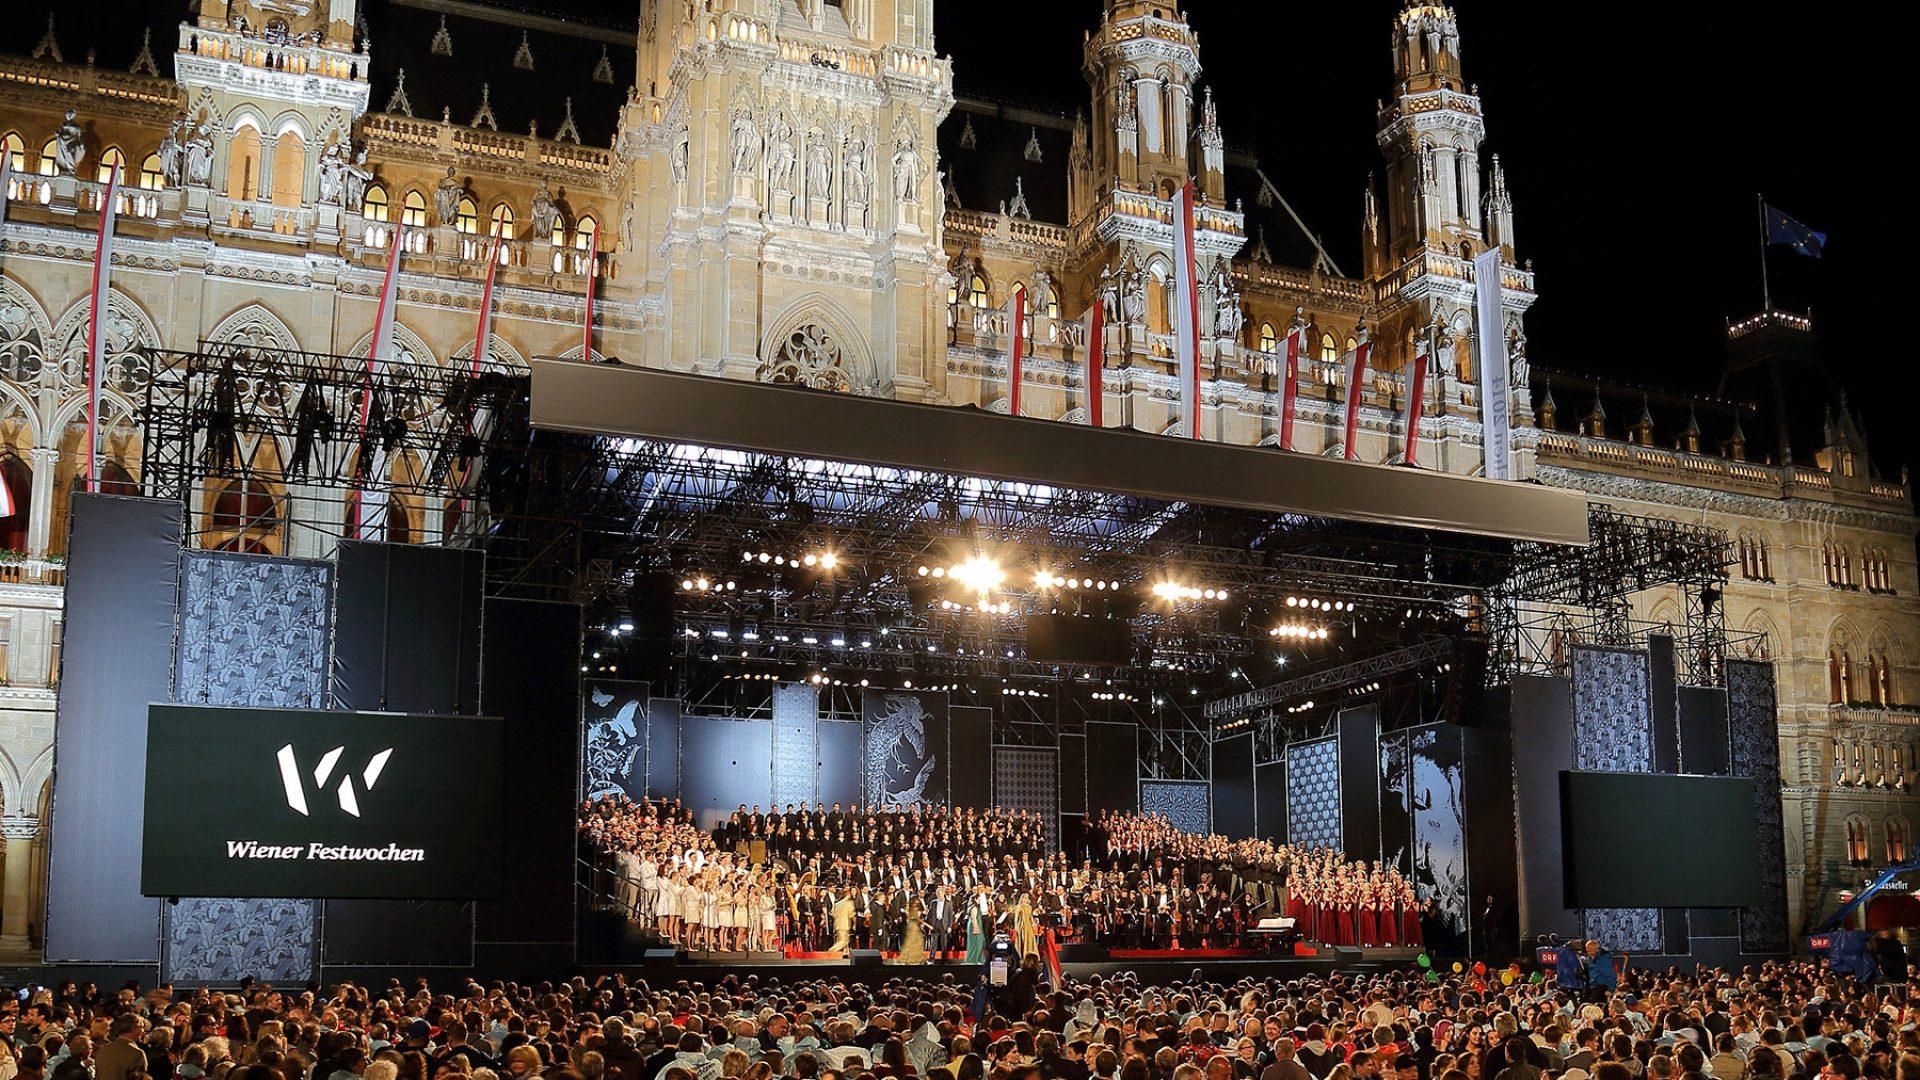 Festivals in Austria